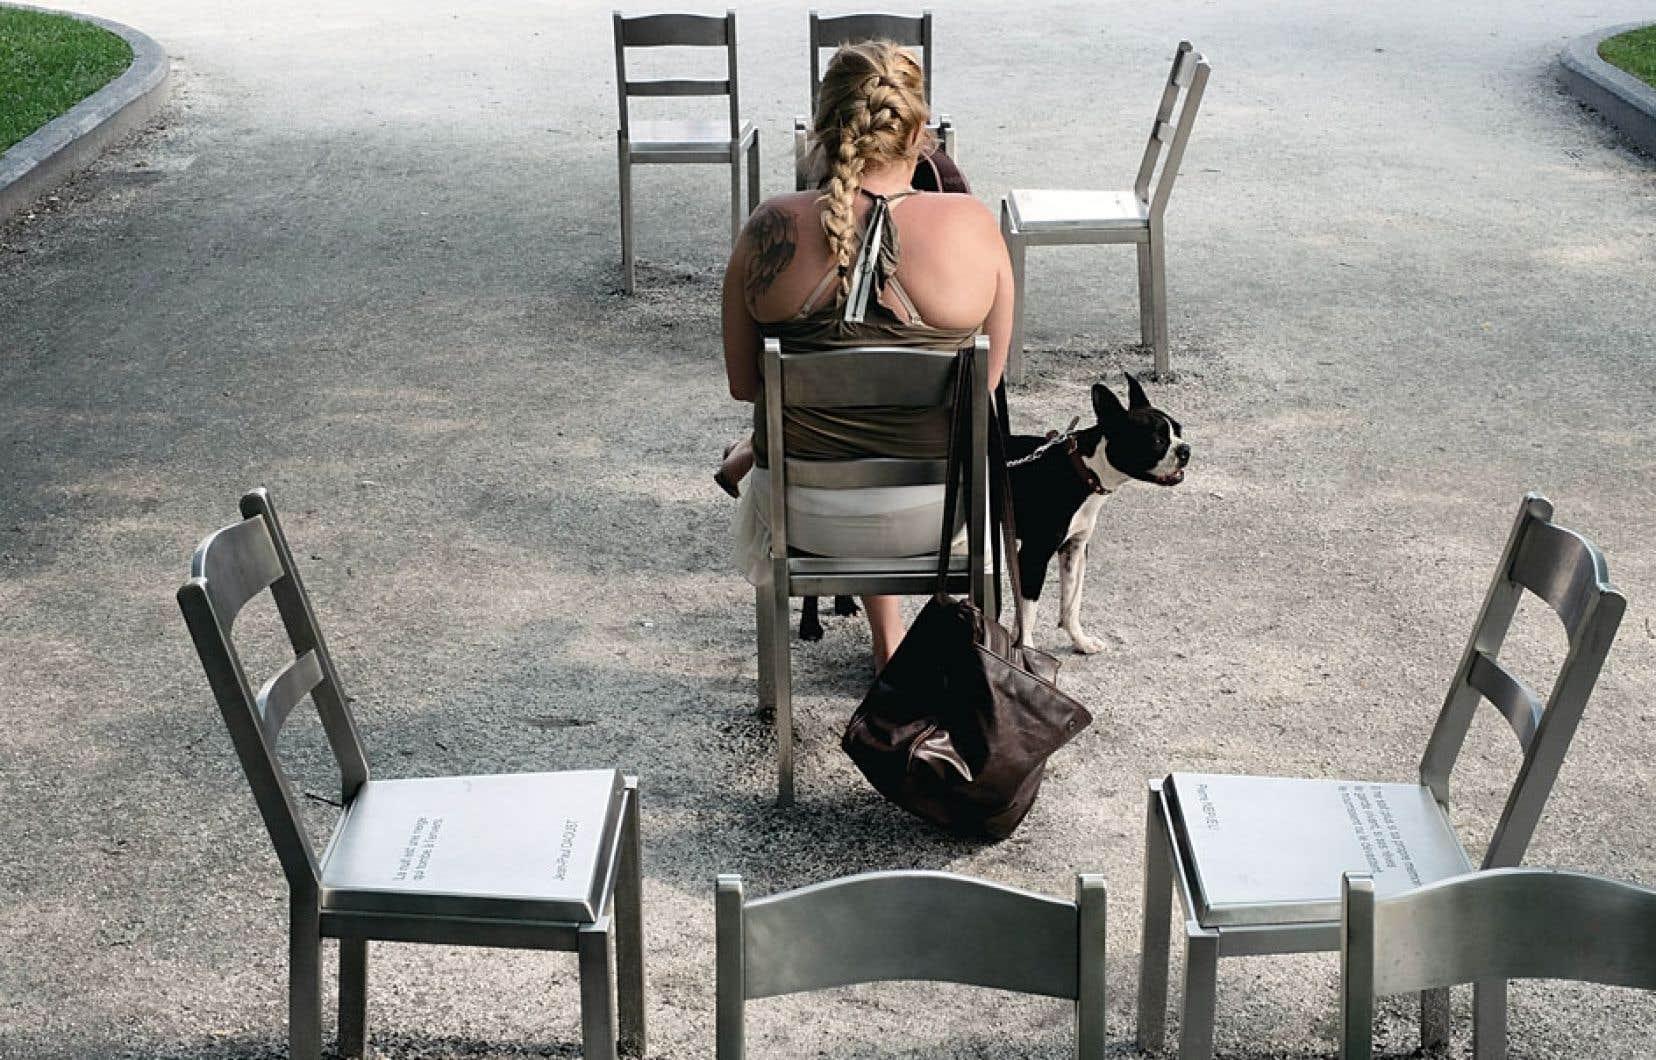 Rêver le nouveau monde, de Michel Goulet. L'œuvre consiste en un ensemble de 44 chaises qui présentent sur leur siège des extraits de poèmes d'auteurs québécois.